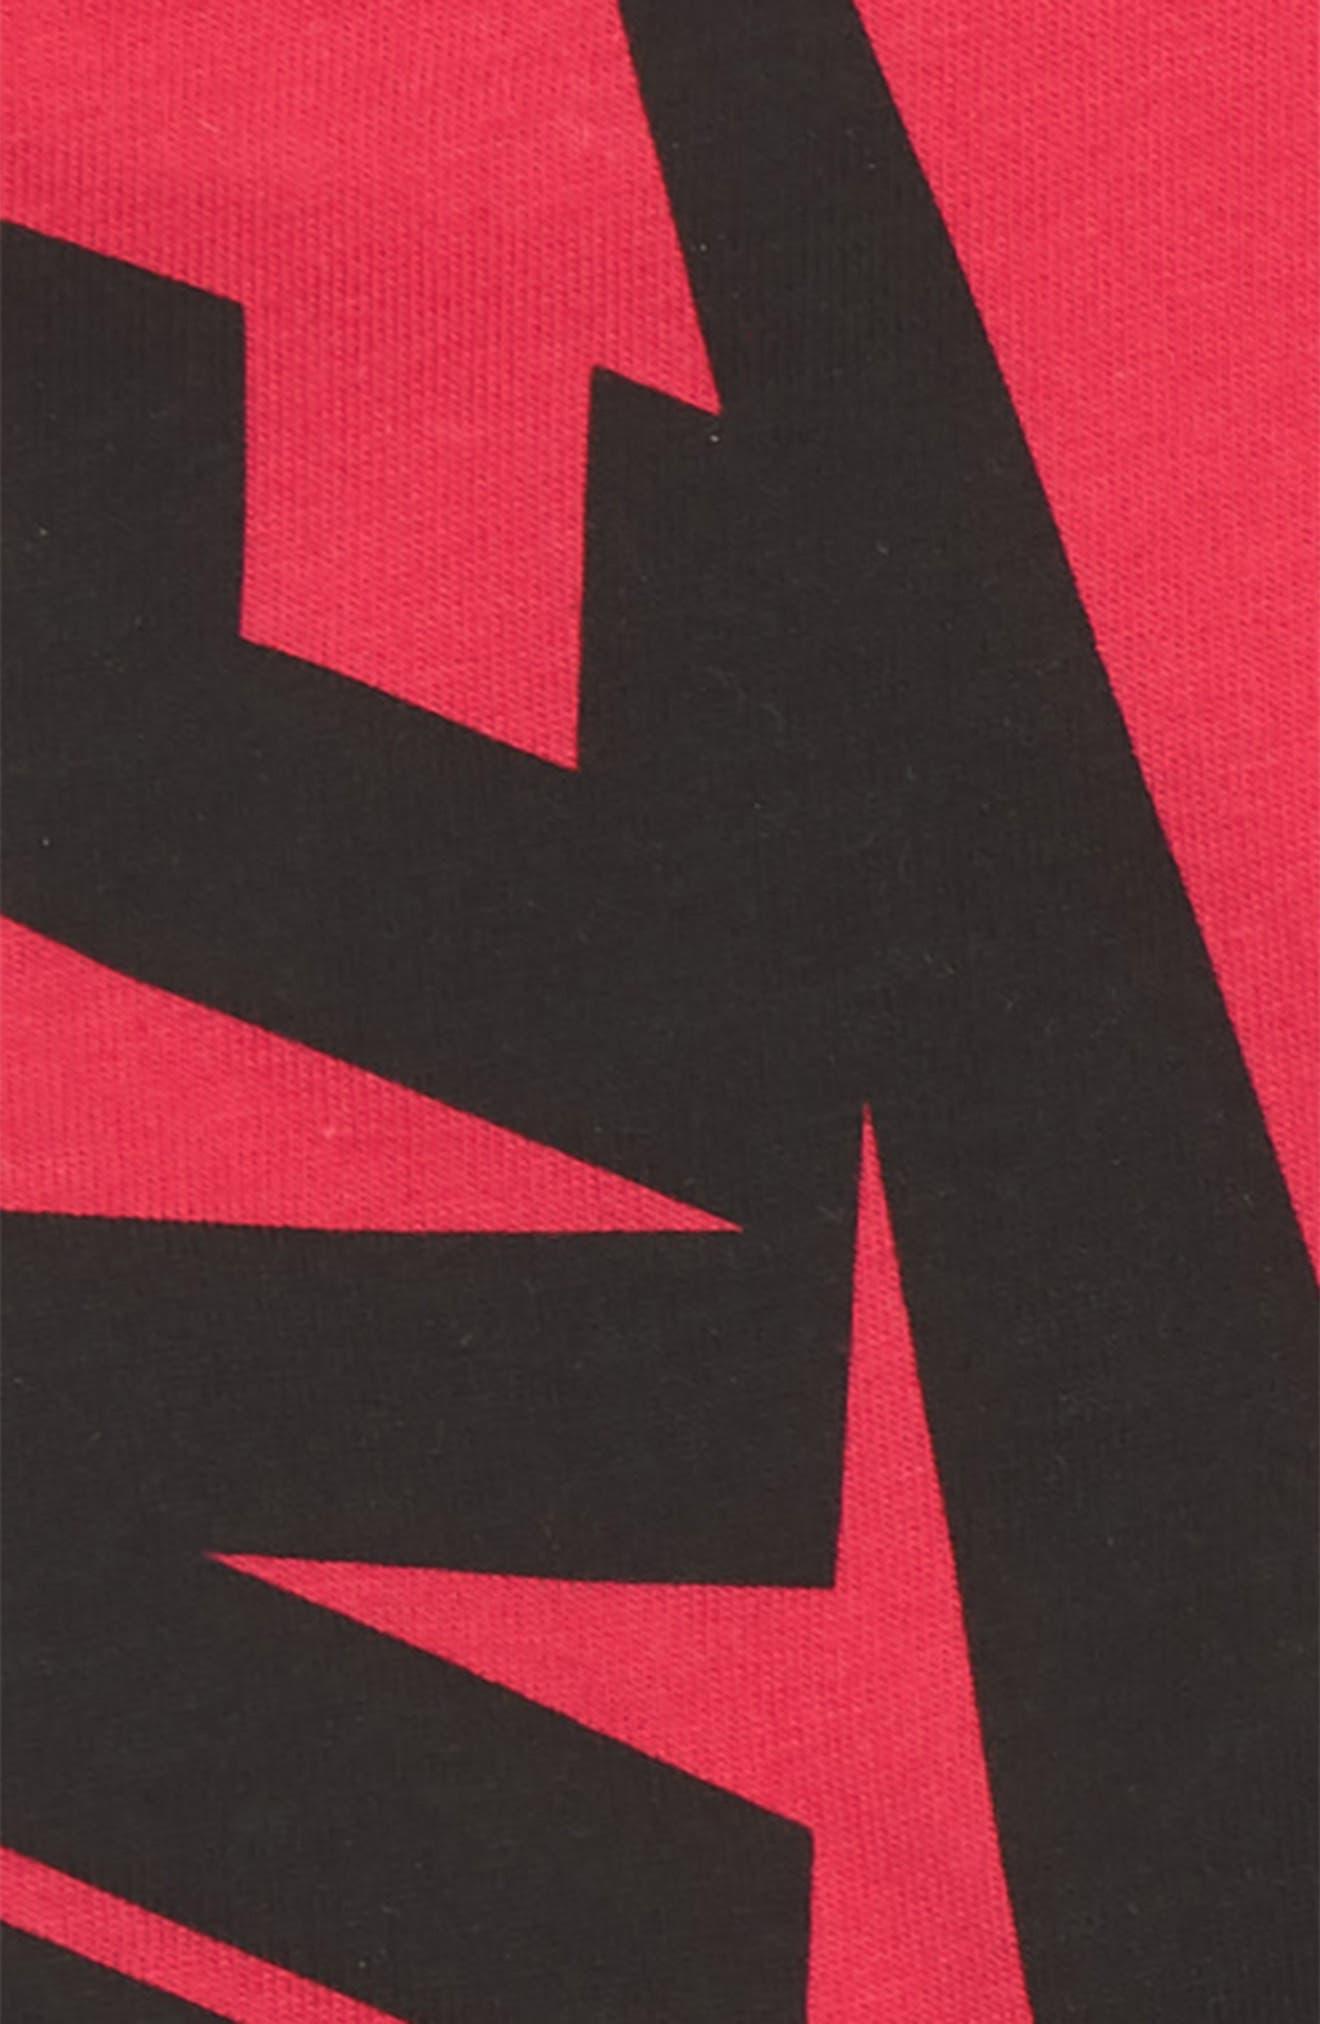 Futura Tank & Capri Leggings Set,                             Alternate thumbnail 2, color,                             004